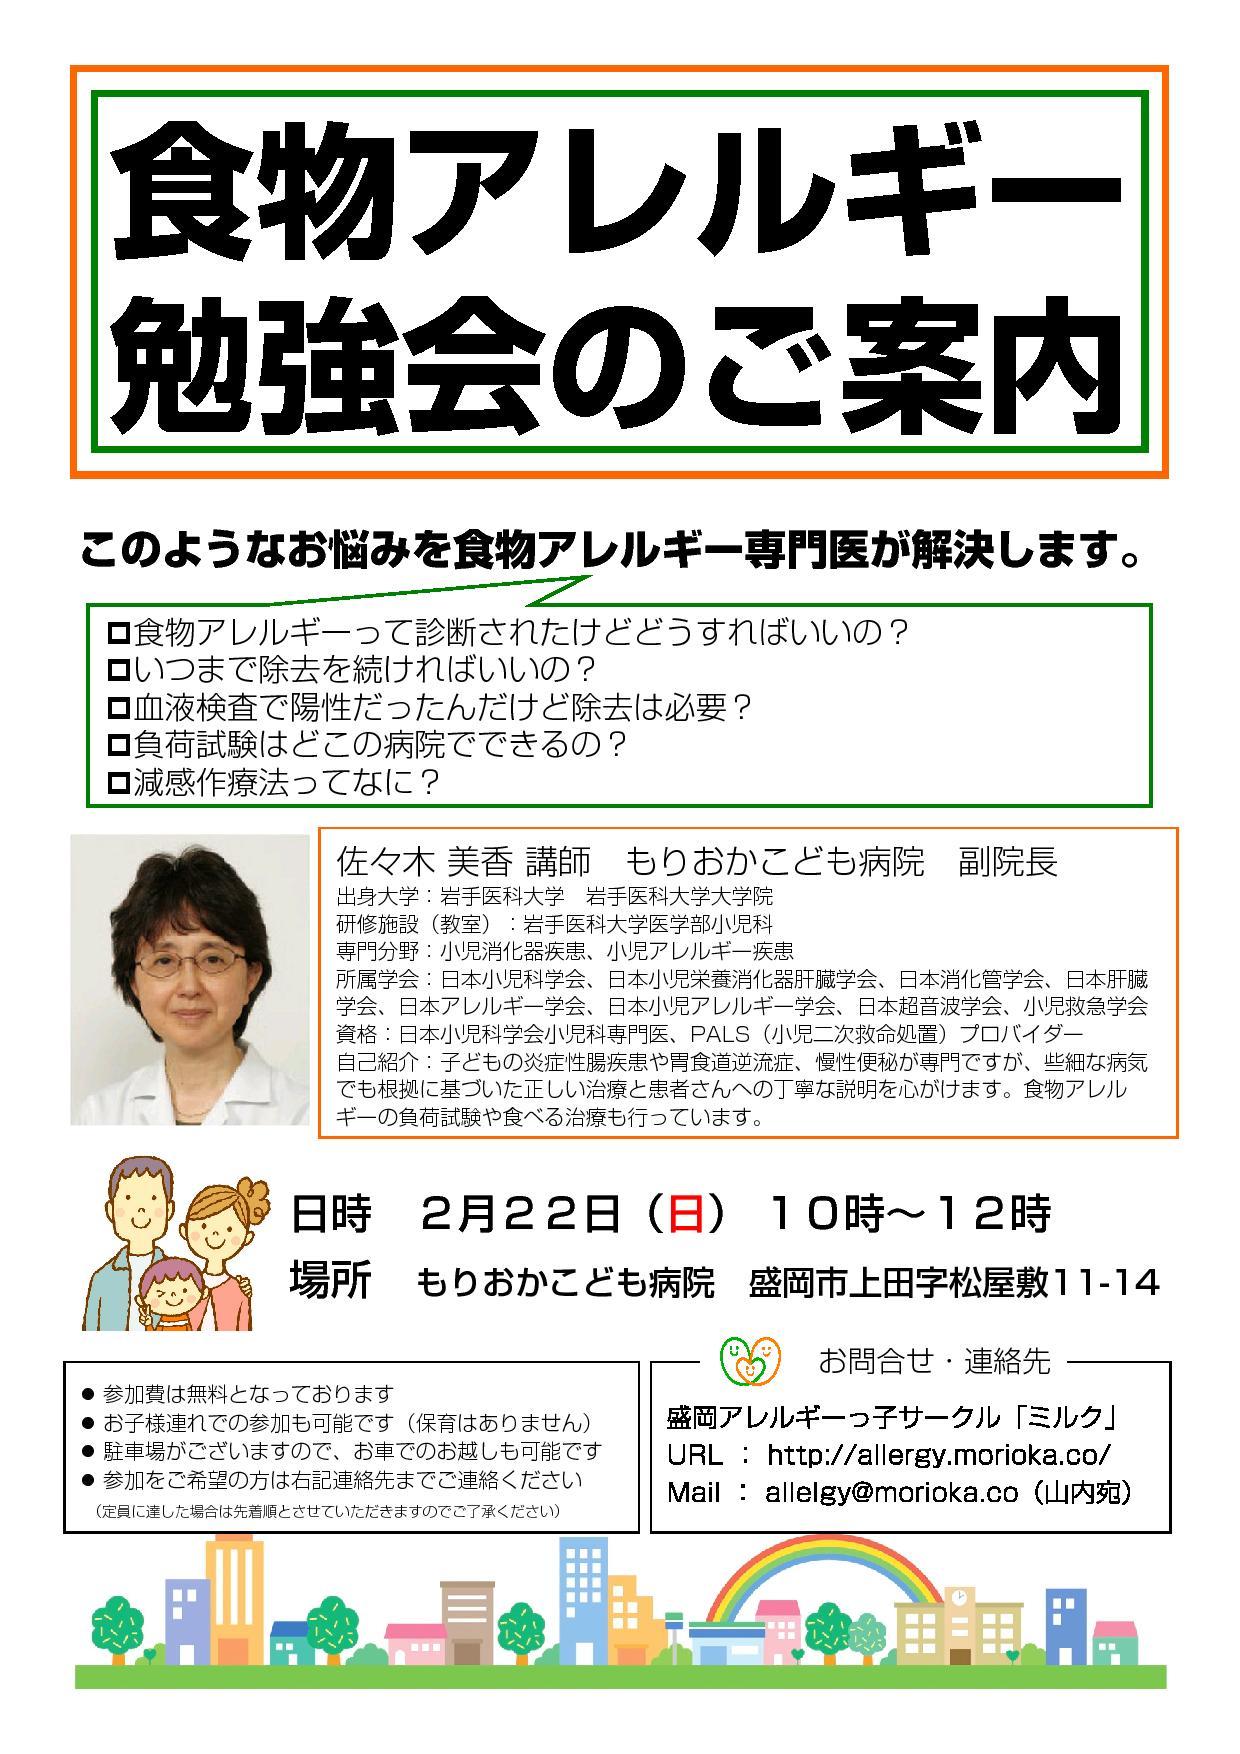 食物アレルギー勉強会案内-page-001